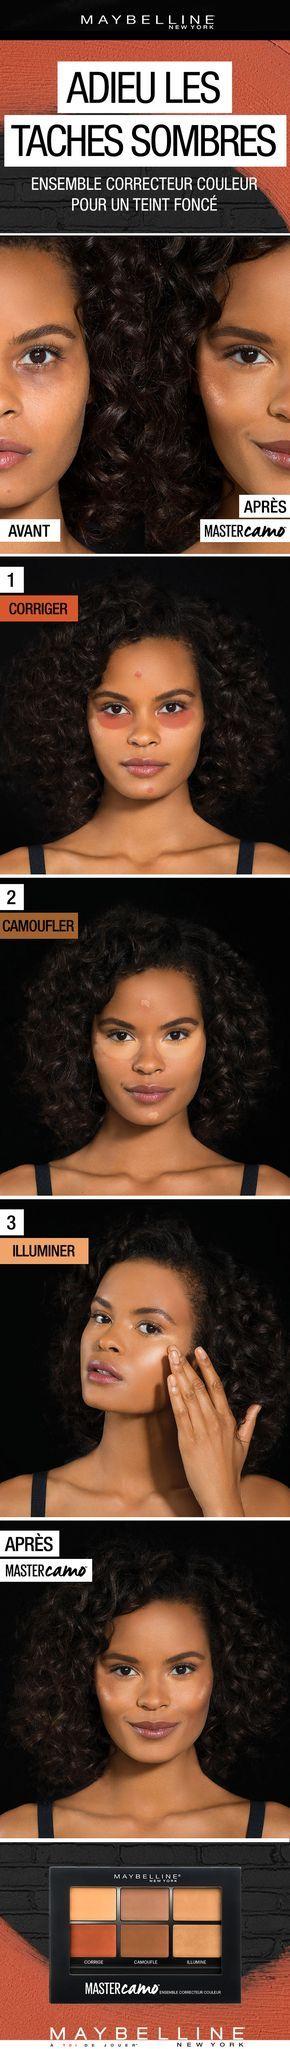 les 25 meilleures id es de la cat gorie correcteur sur pinterest maquillage 101 comment. Black Bedroom Furniture Sets. Home Design Ideas